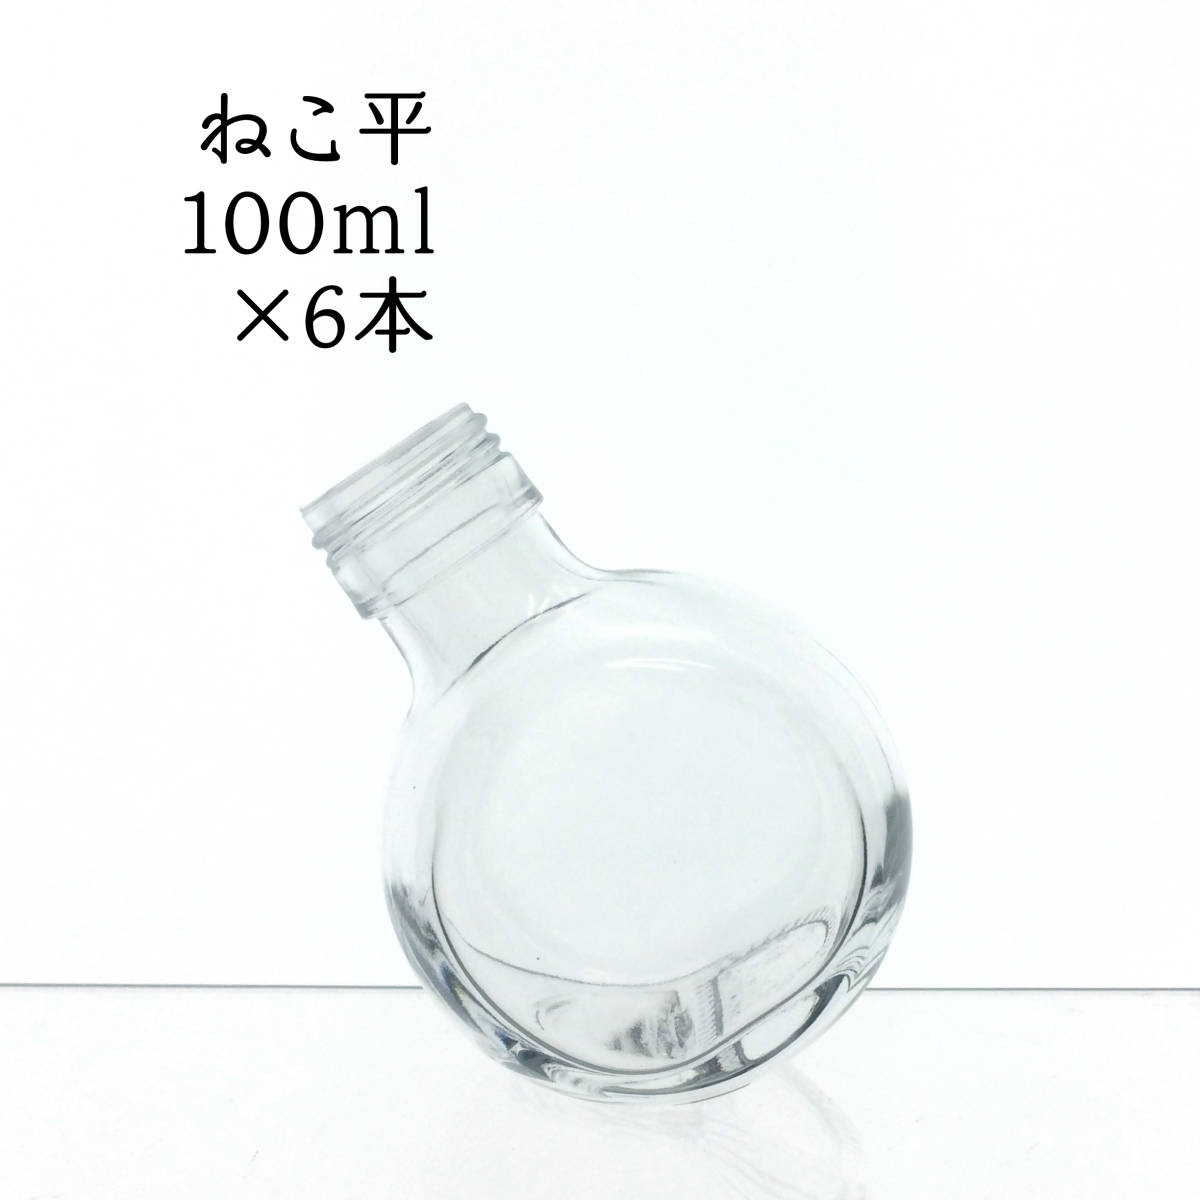 ハーバリウム瓶 ねこ平100ml 6本 ♪♪_画像1